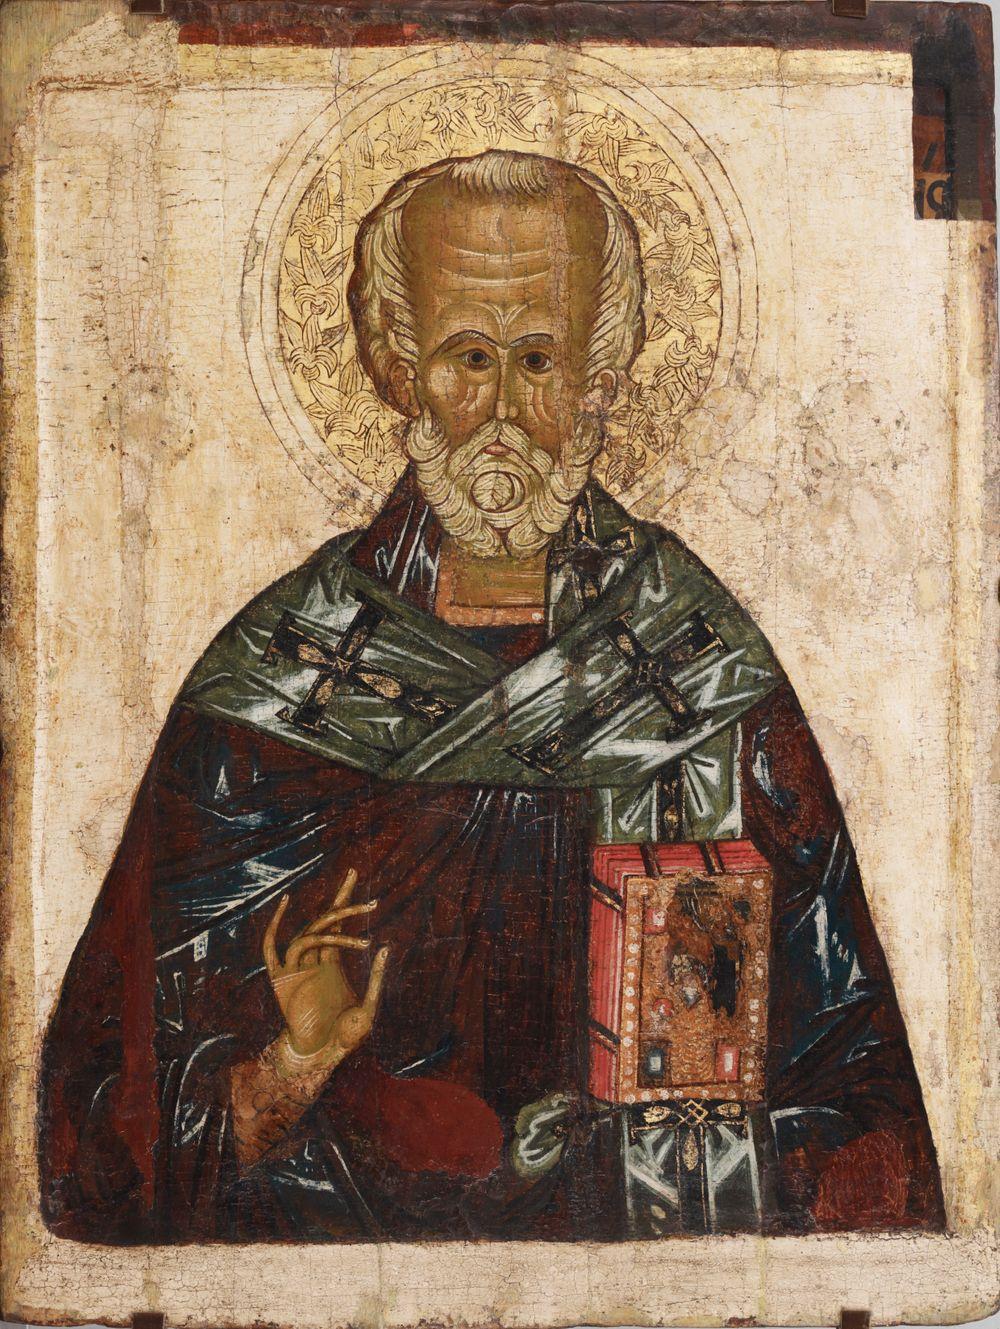 Pyhä Nikolaus, venäläinen ikoni